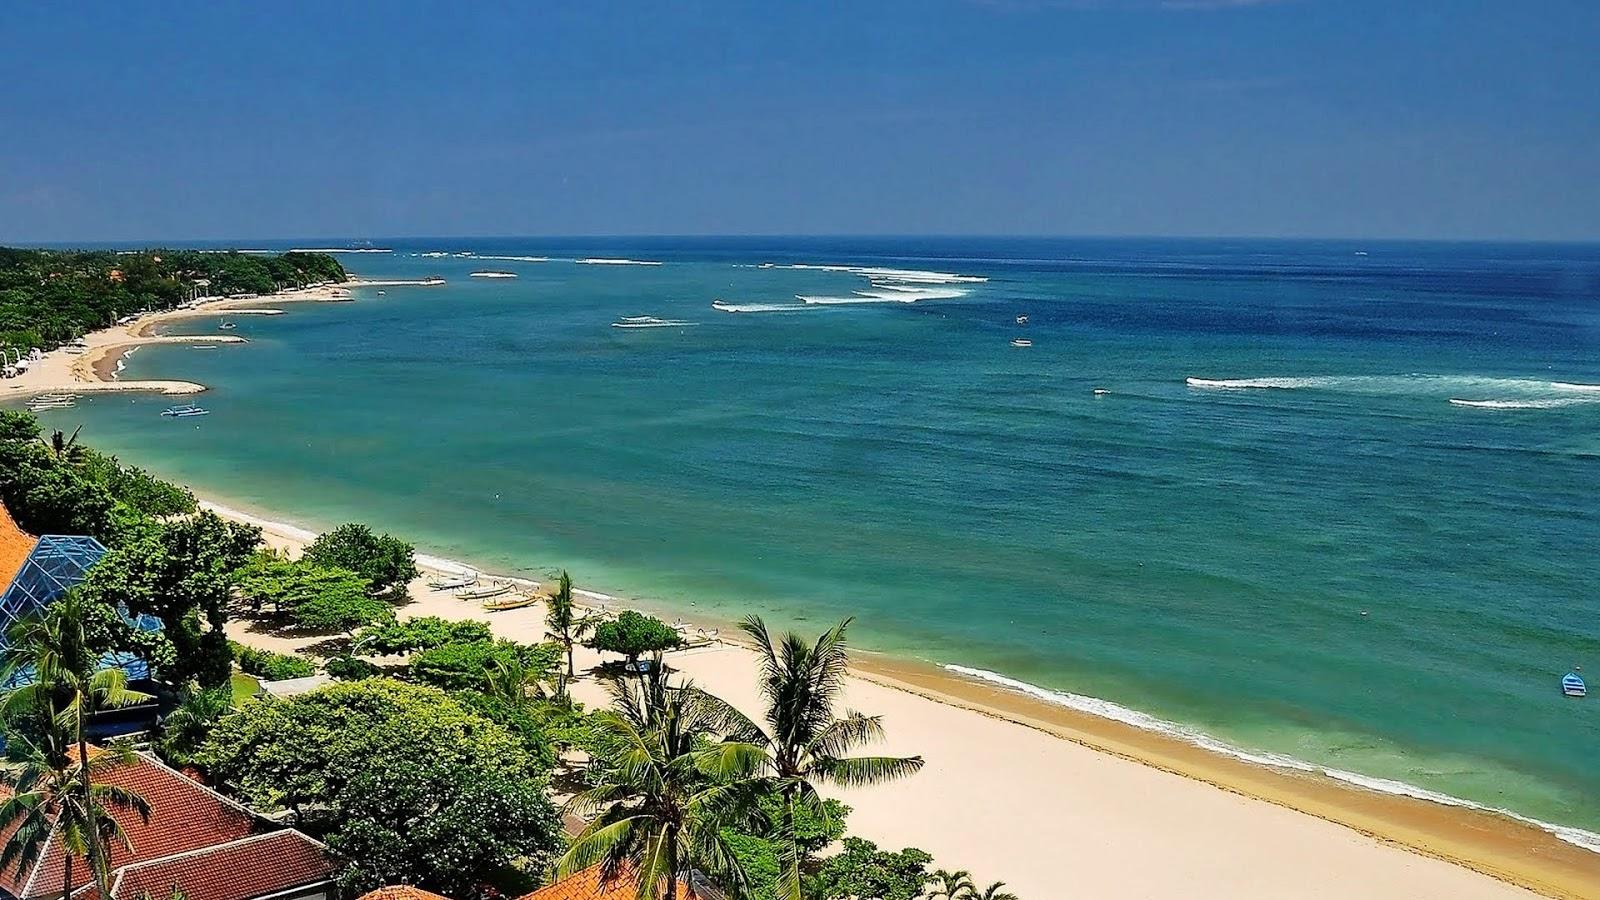 Bali Beaches Images Bali Pantai Dan Bali Indonesia